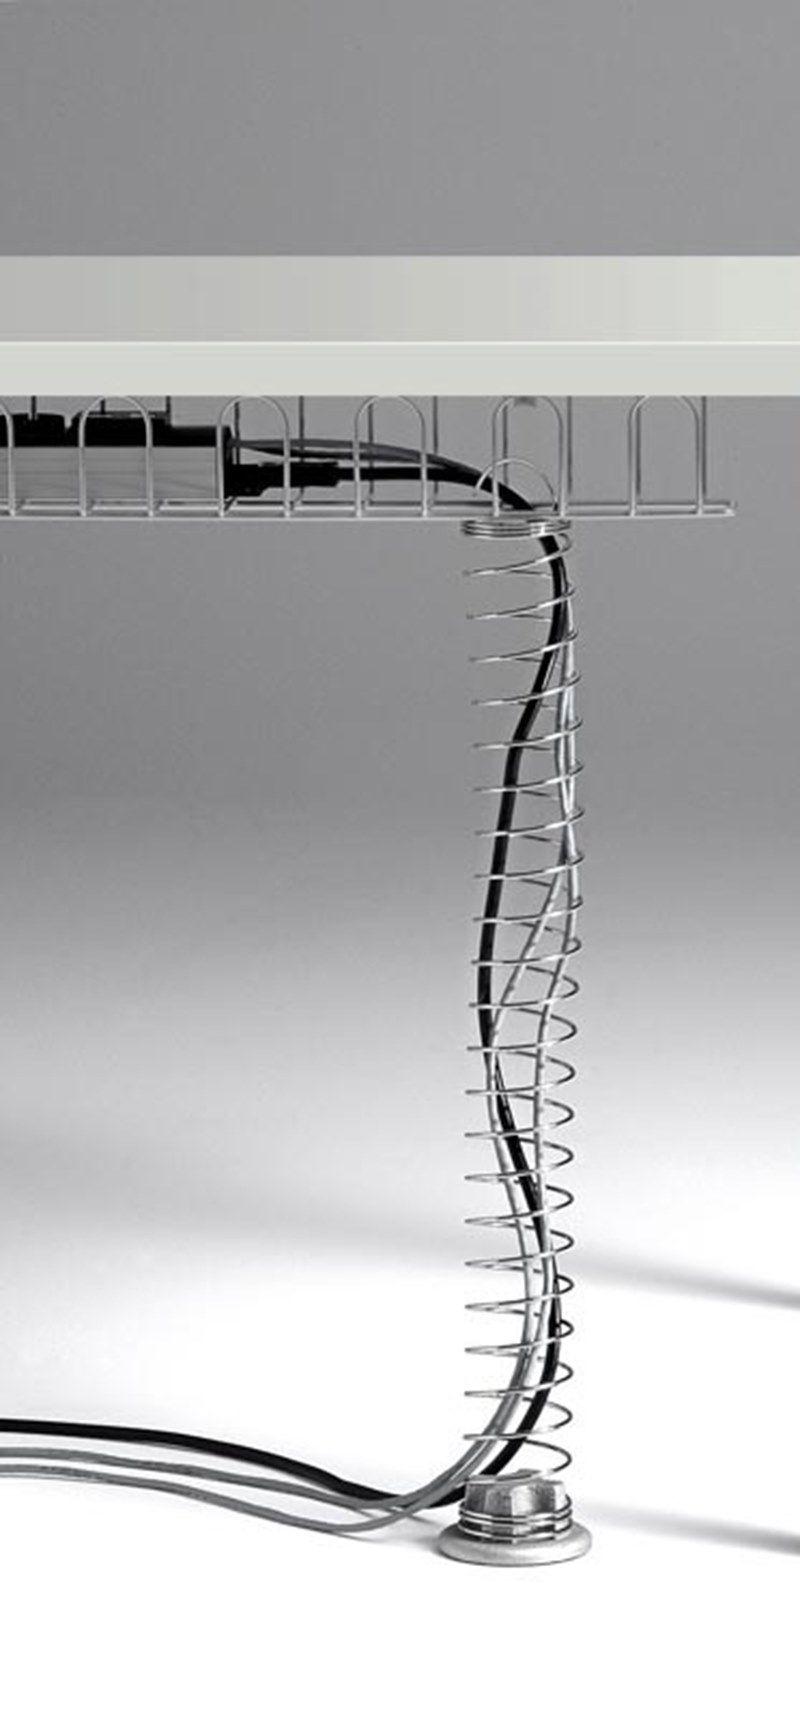 CORA Scrivania rettangolare - Particolare canalizzazione verticale